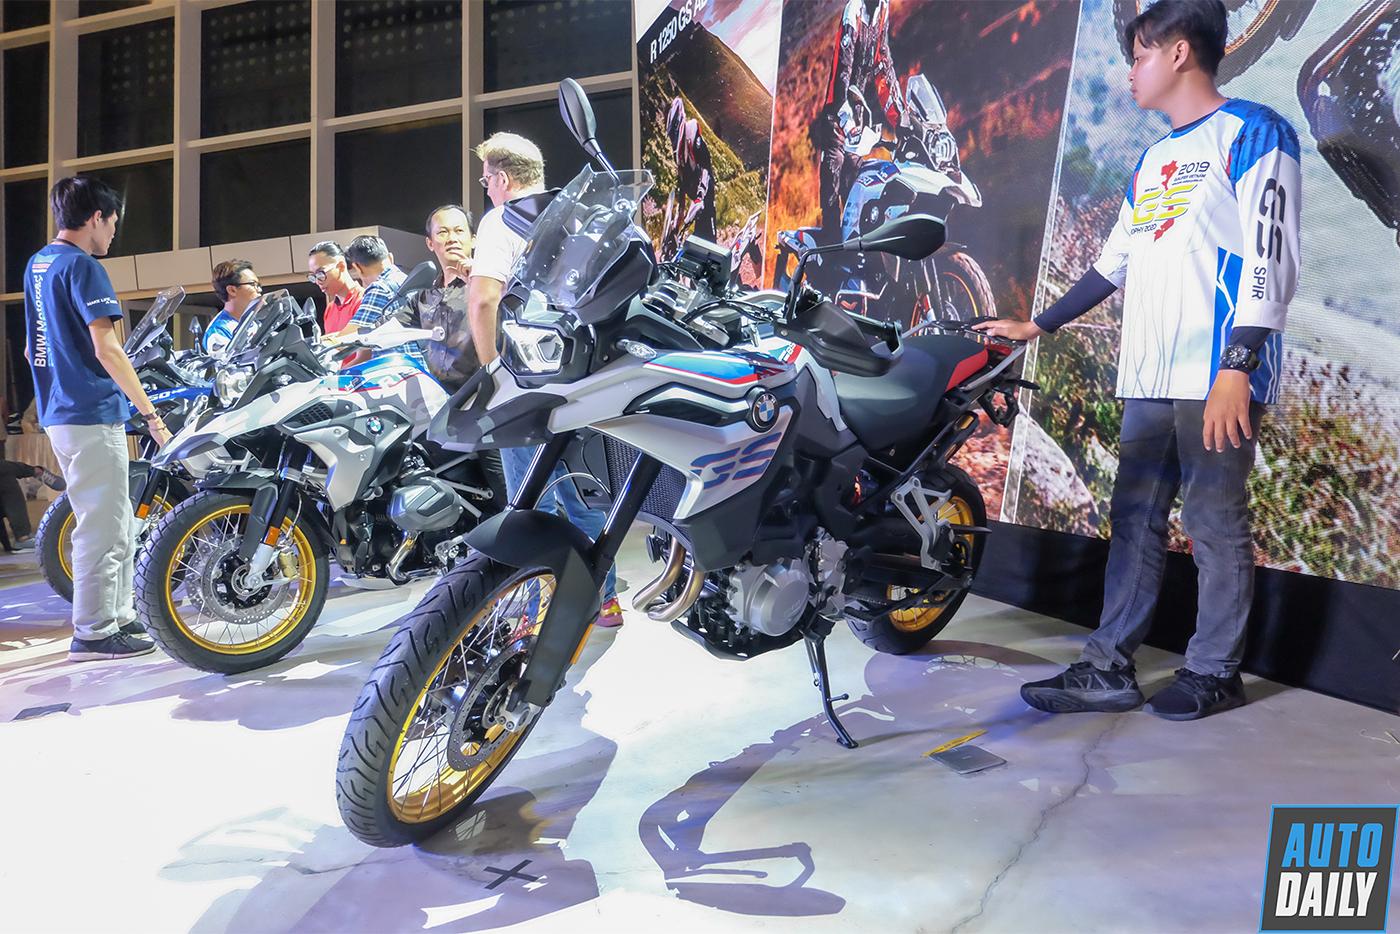 bmw-motorrad-f-850-gs-2019-33.jpg